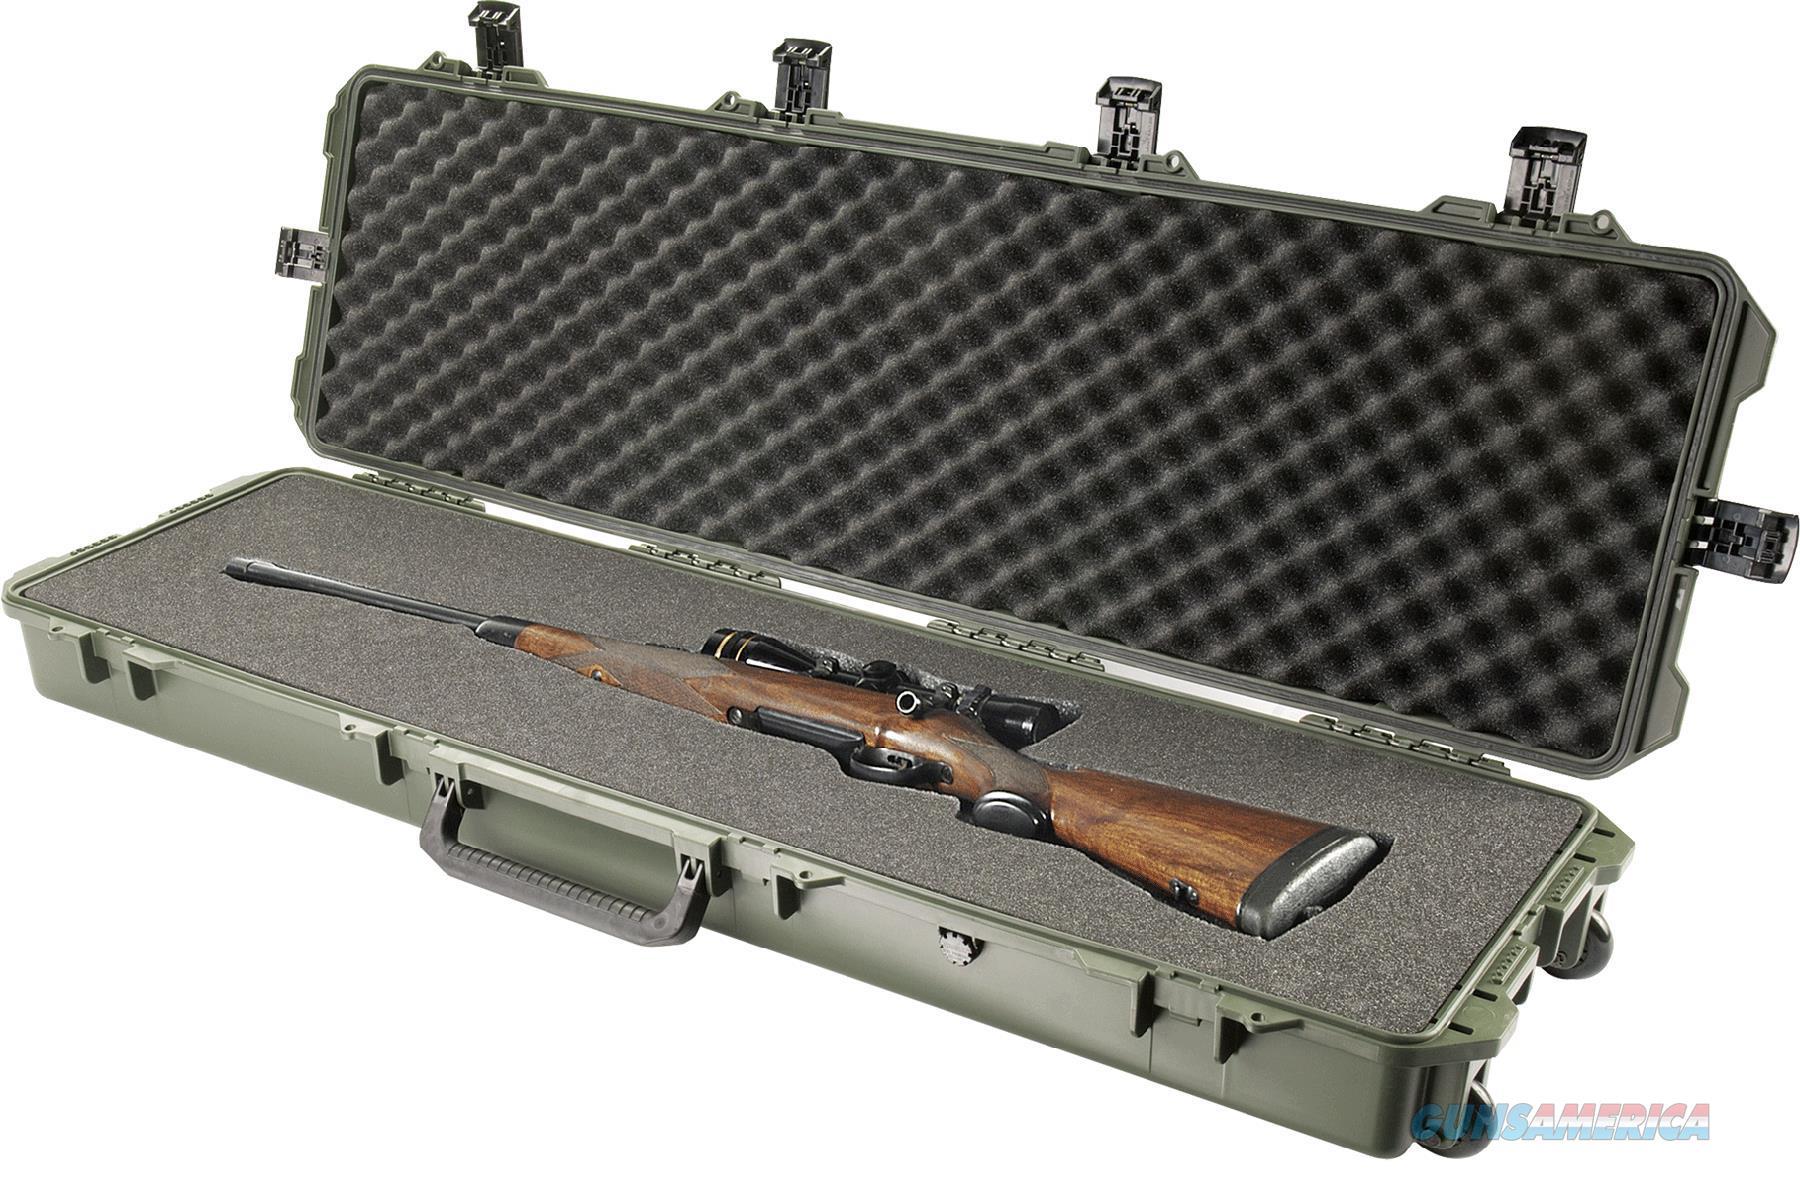 Pelican Im3300 Storm Long Case Odg IM3300OD  Non-Guns > Gun Cases